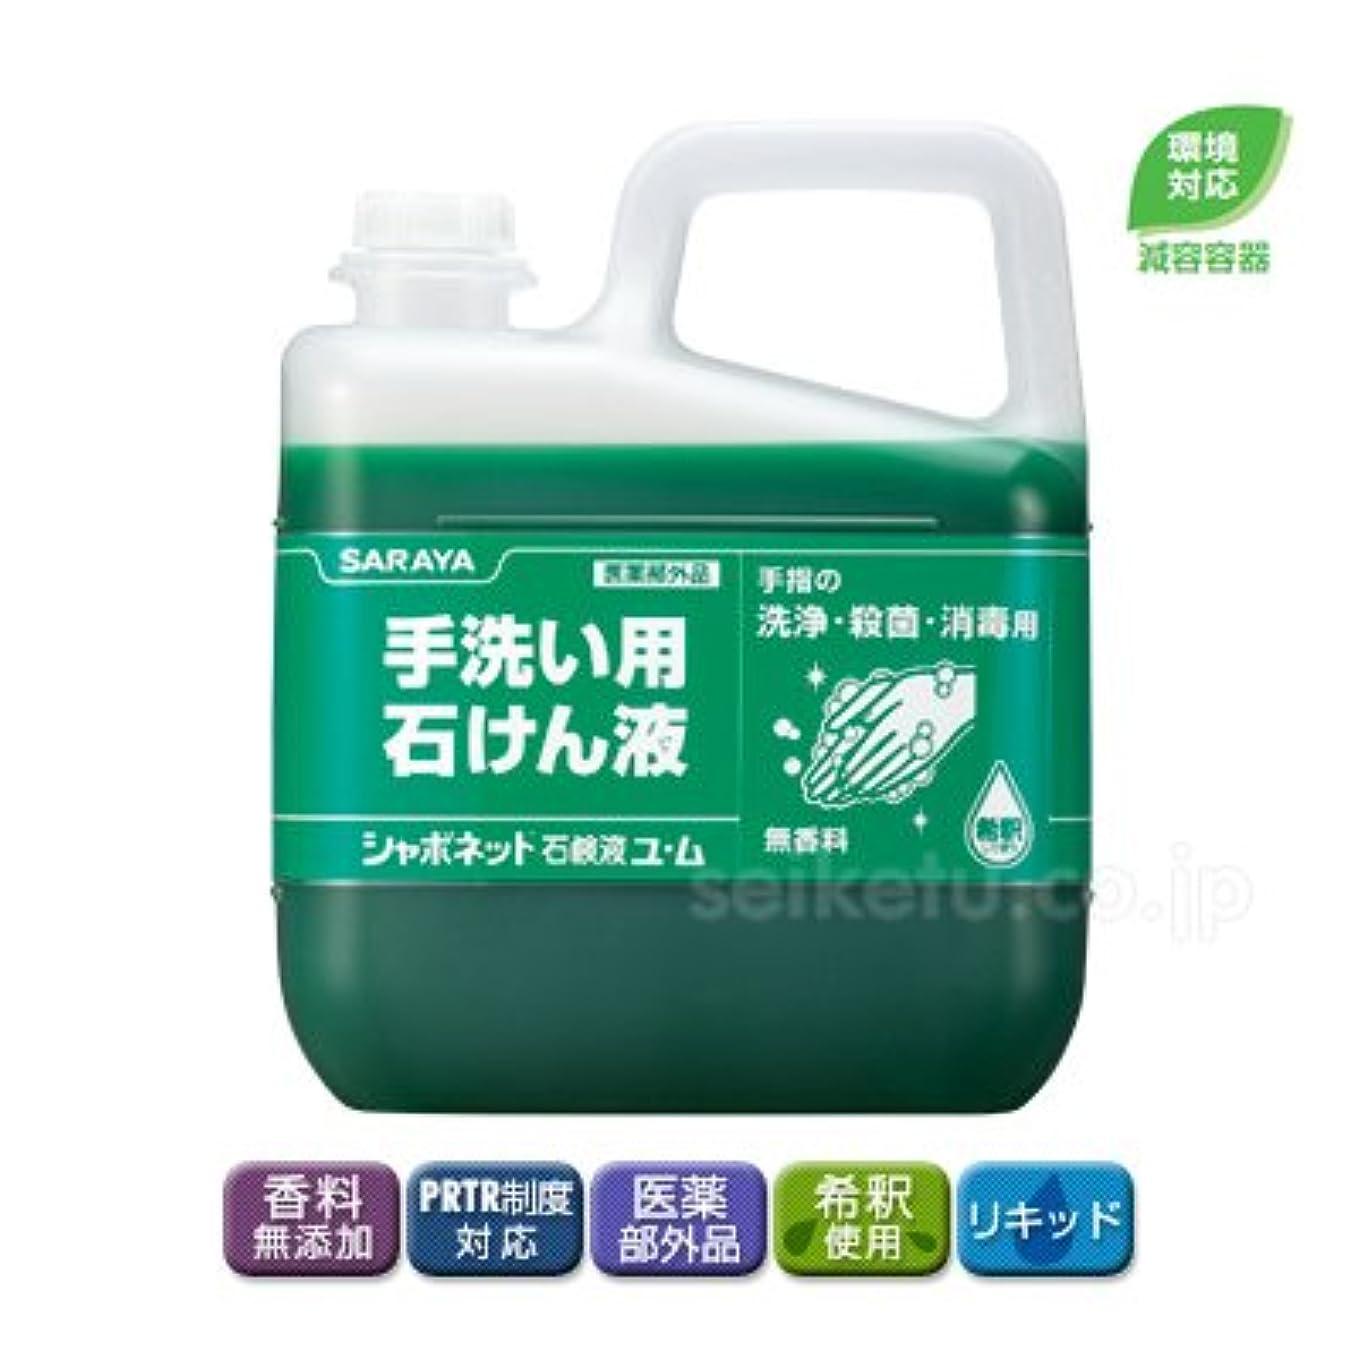 逸脱相対的人間【清潔キレイ館】サラヤ シャボネット石鹸液ユ?ム(5kg)